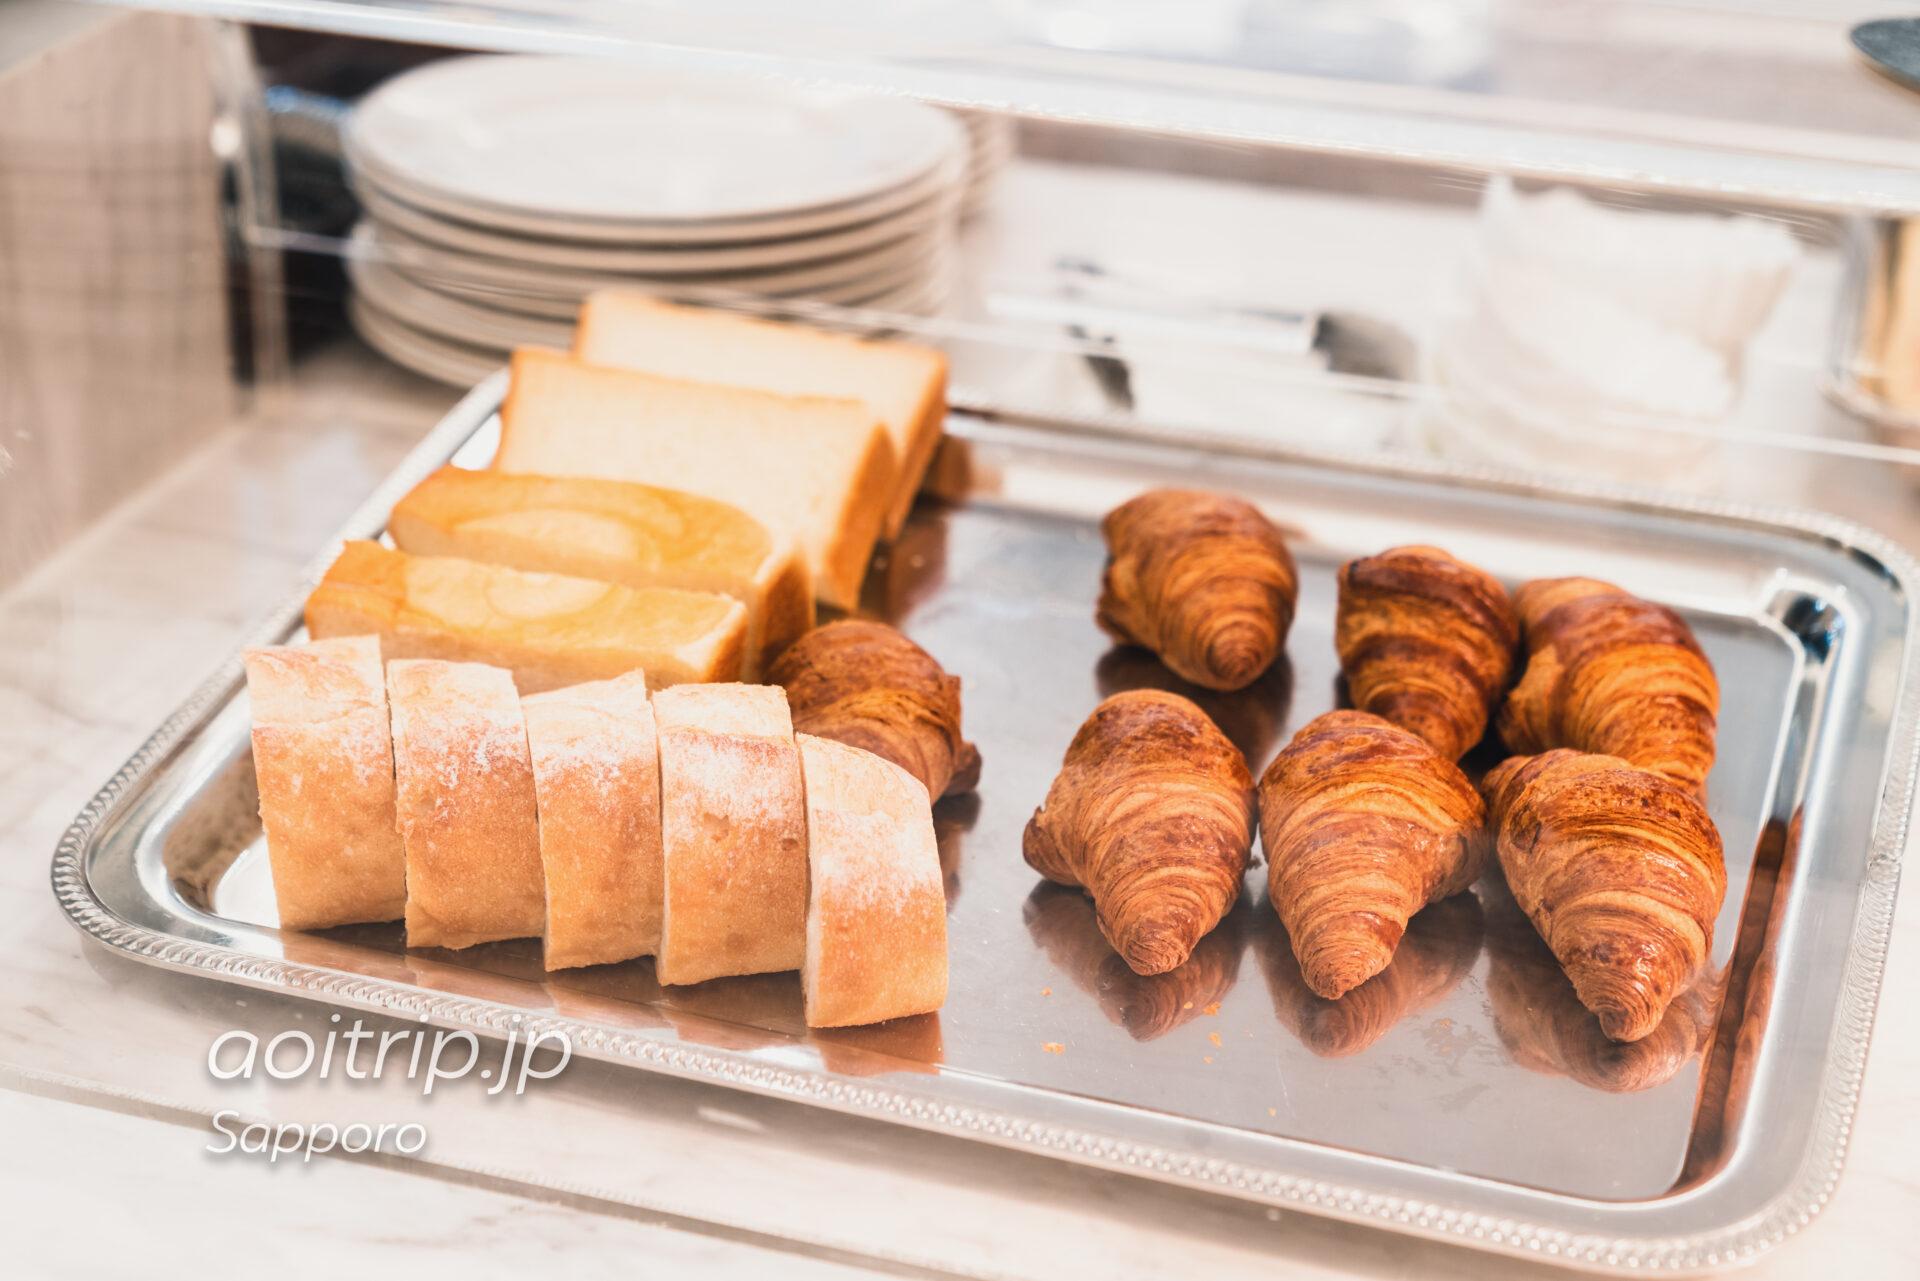 プレミアホテル中島公園 札幌 ビストロ ラ・プロヴァンスの朝食 パン